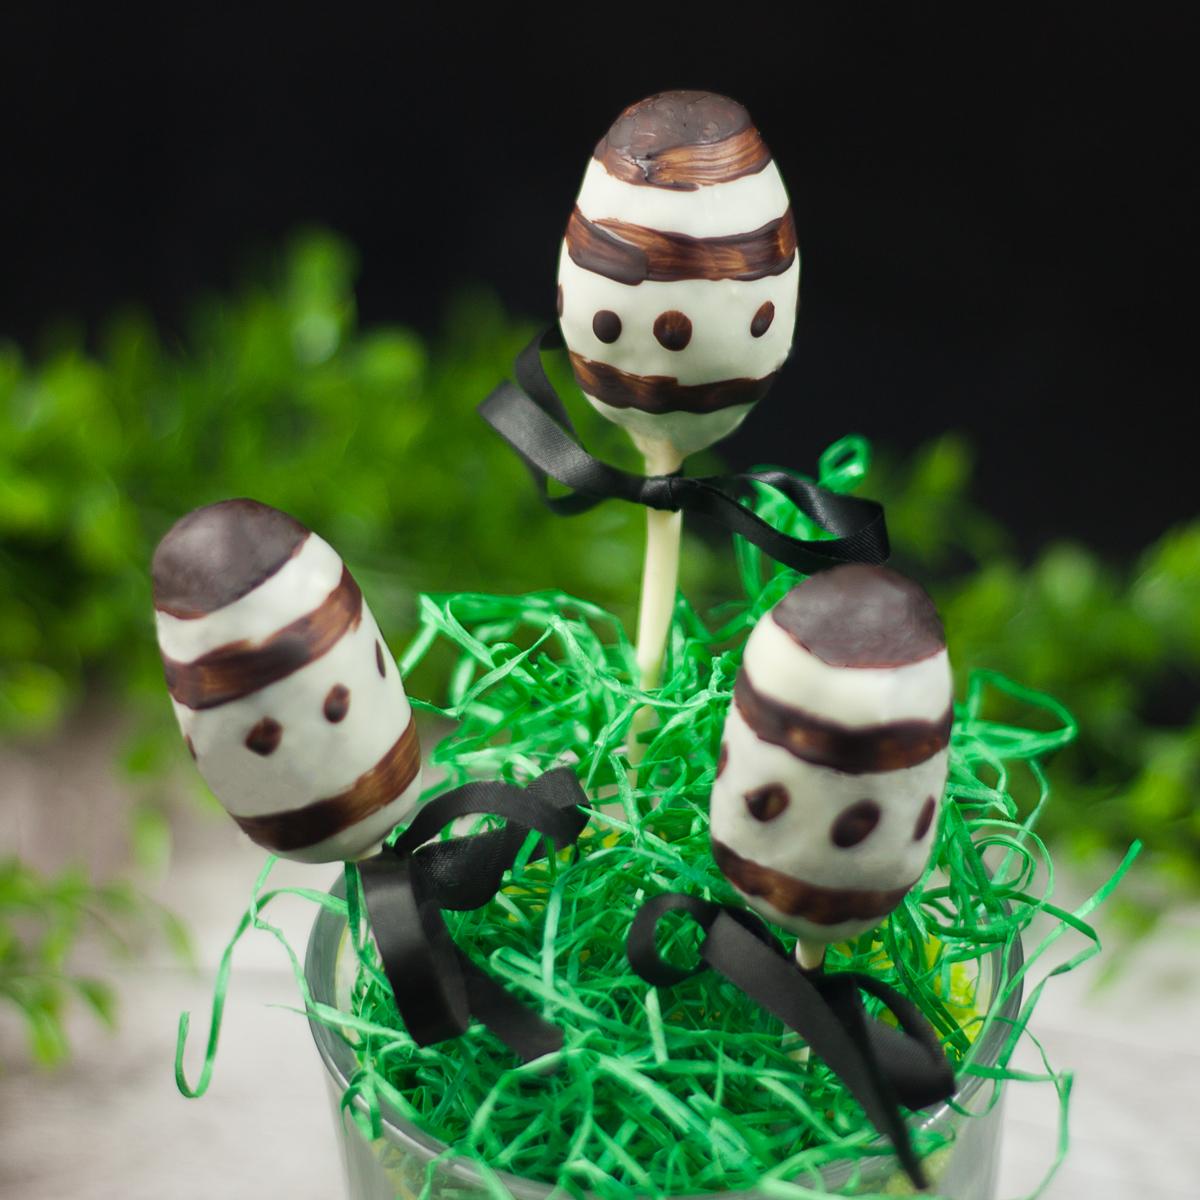 Die Ostereier-popcakes sind Low Carb und glutenfrei.